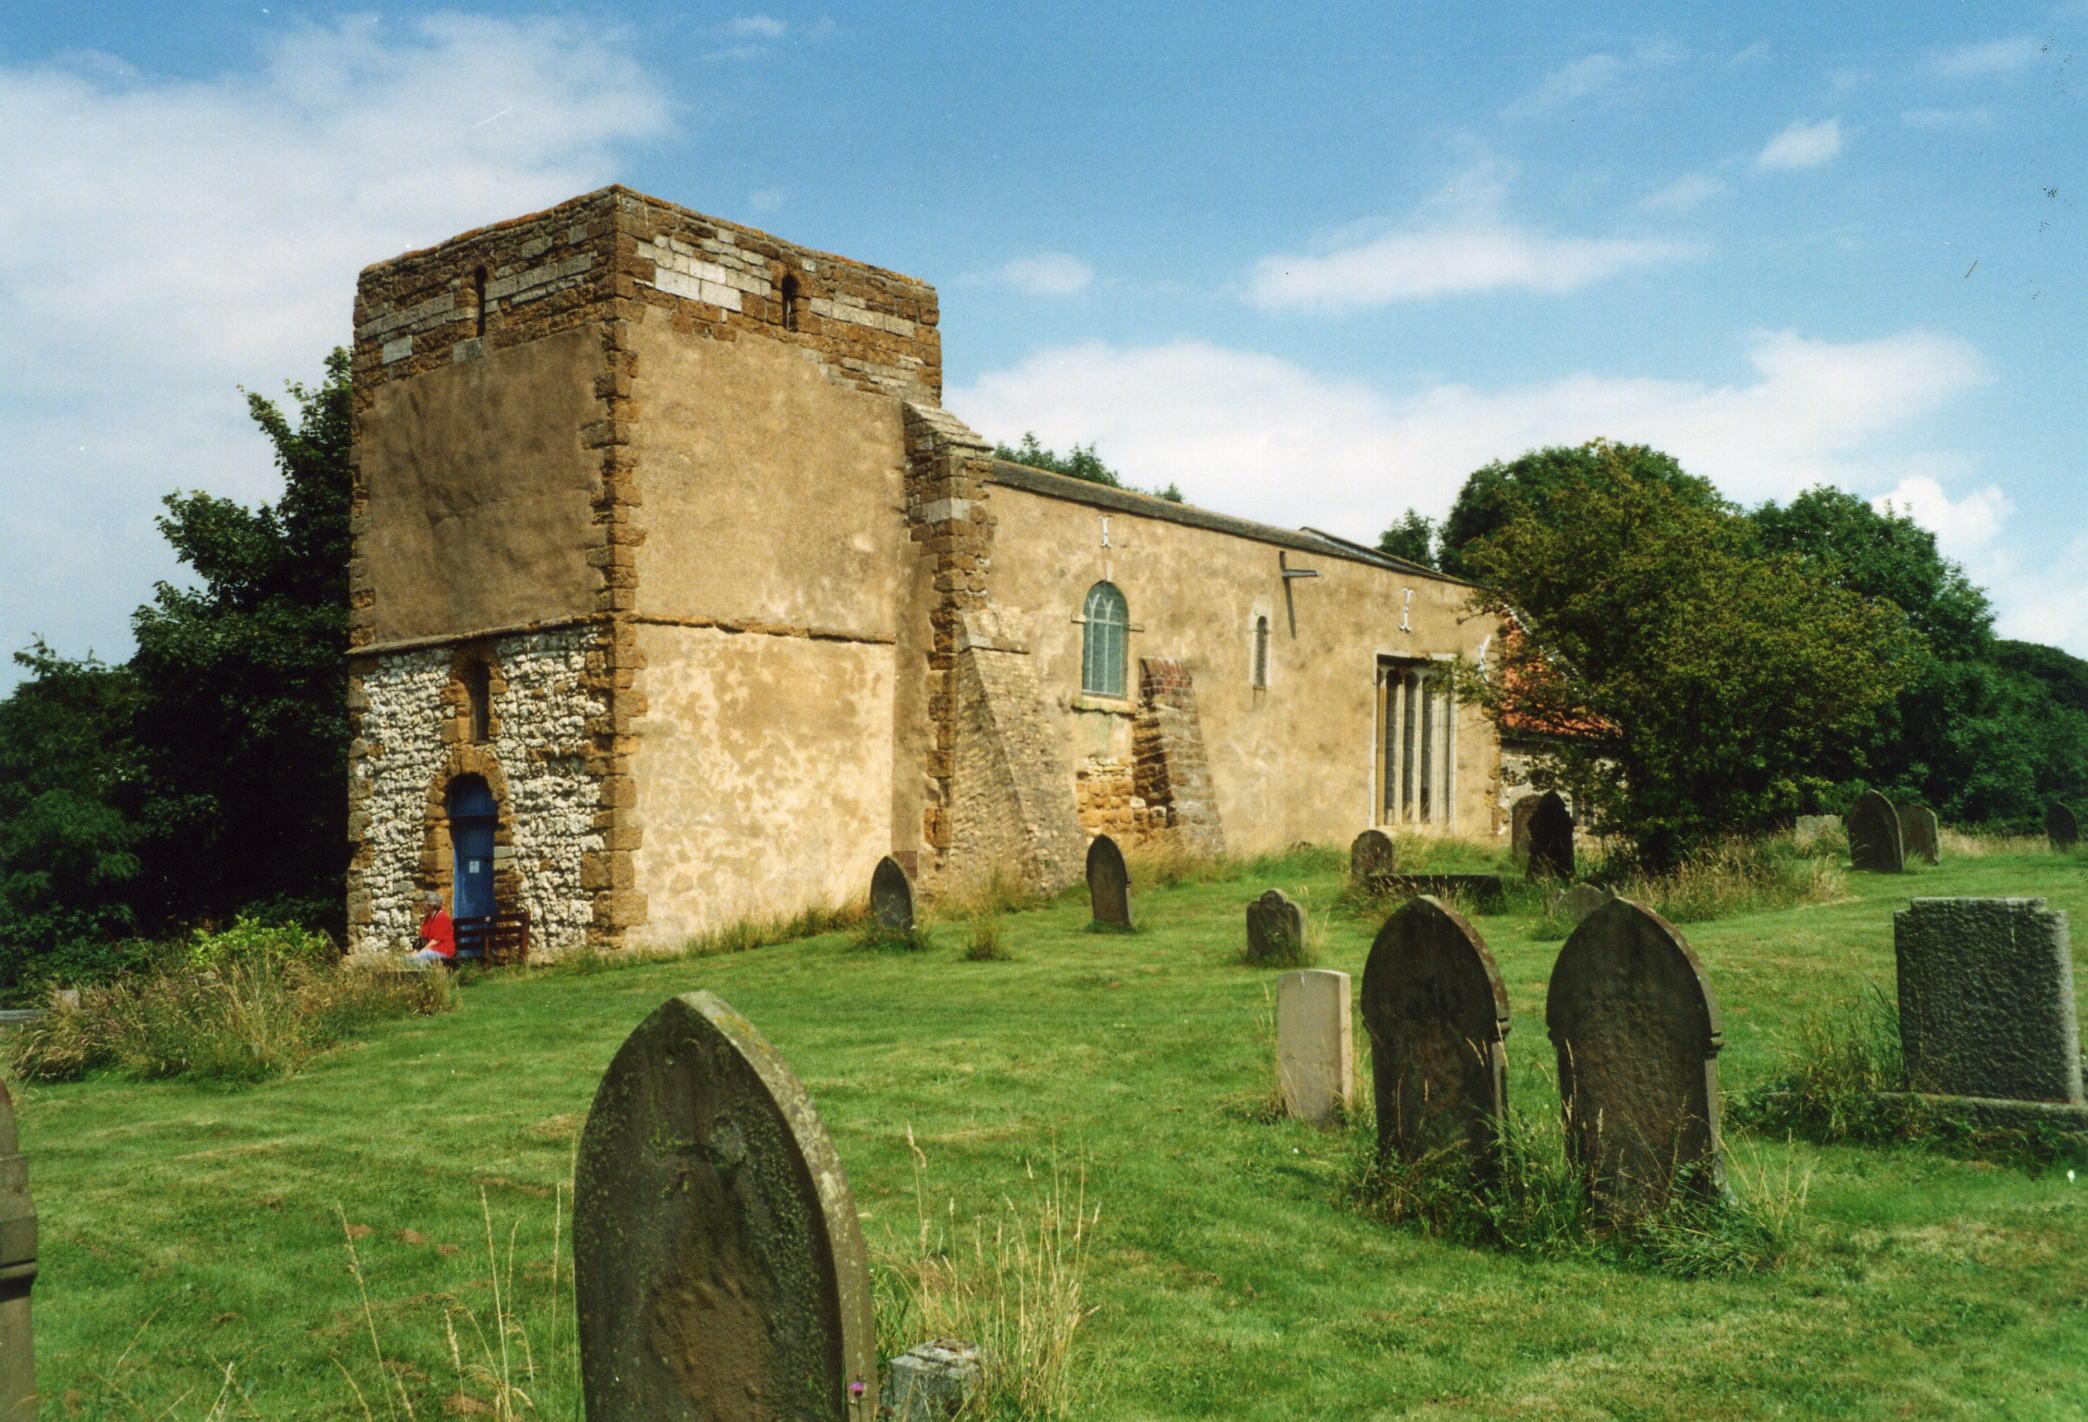 Barnetby St. Mary church